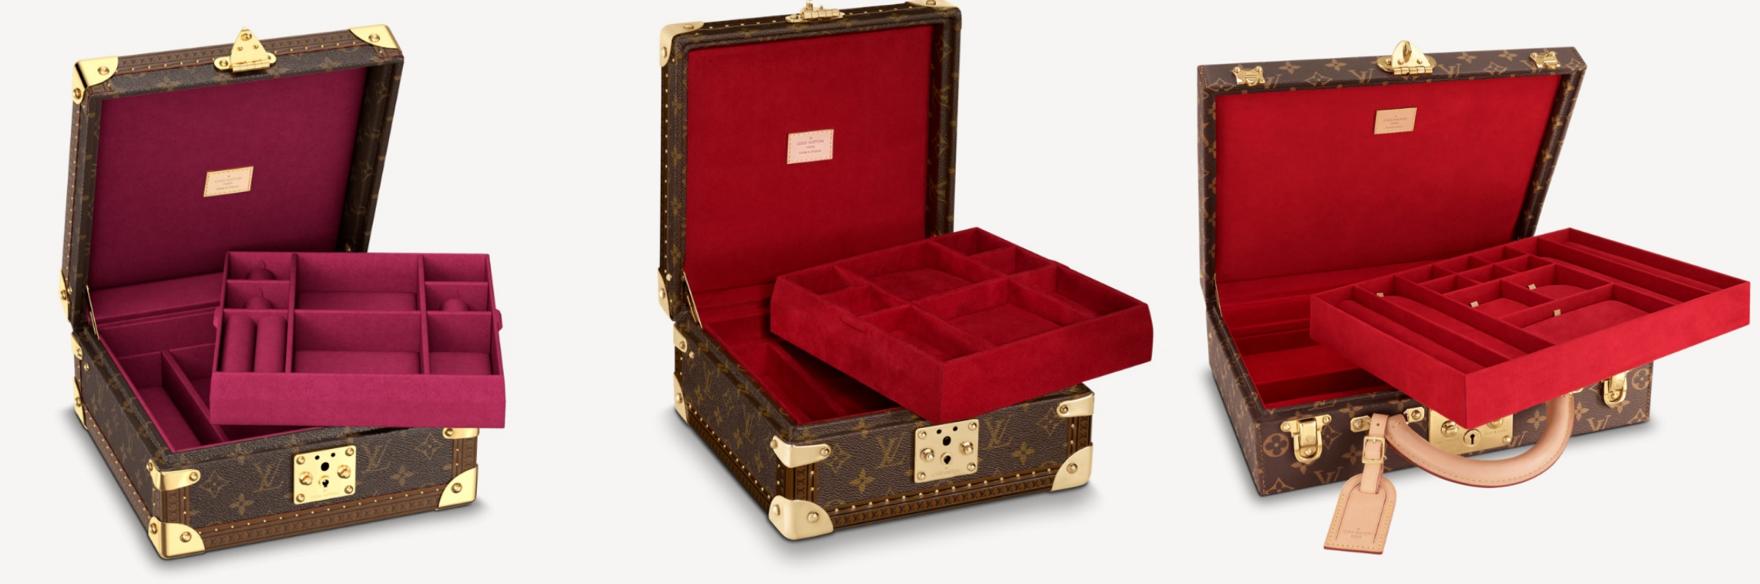 Tín đồ có thể cất gọn trang sức với dòng Jewelry Box với thiết kế sang trọng, bắt mắt.